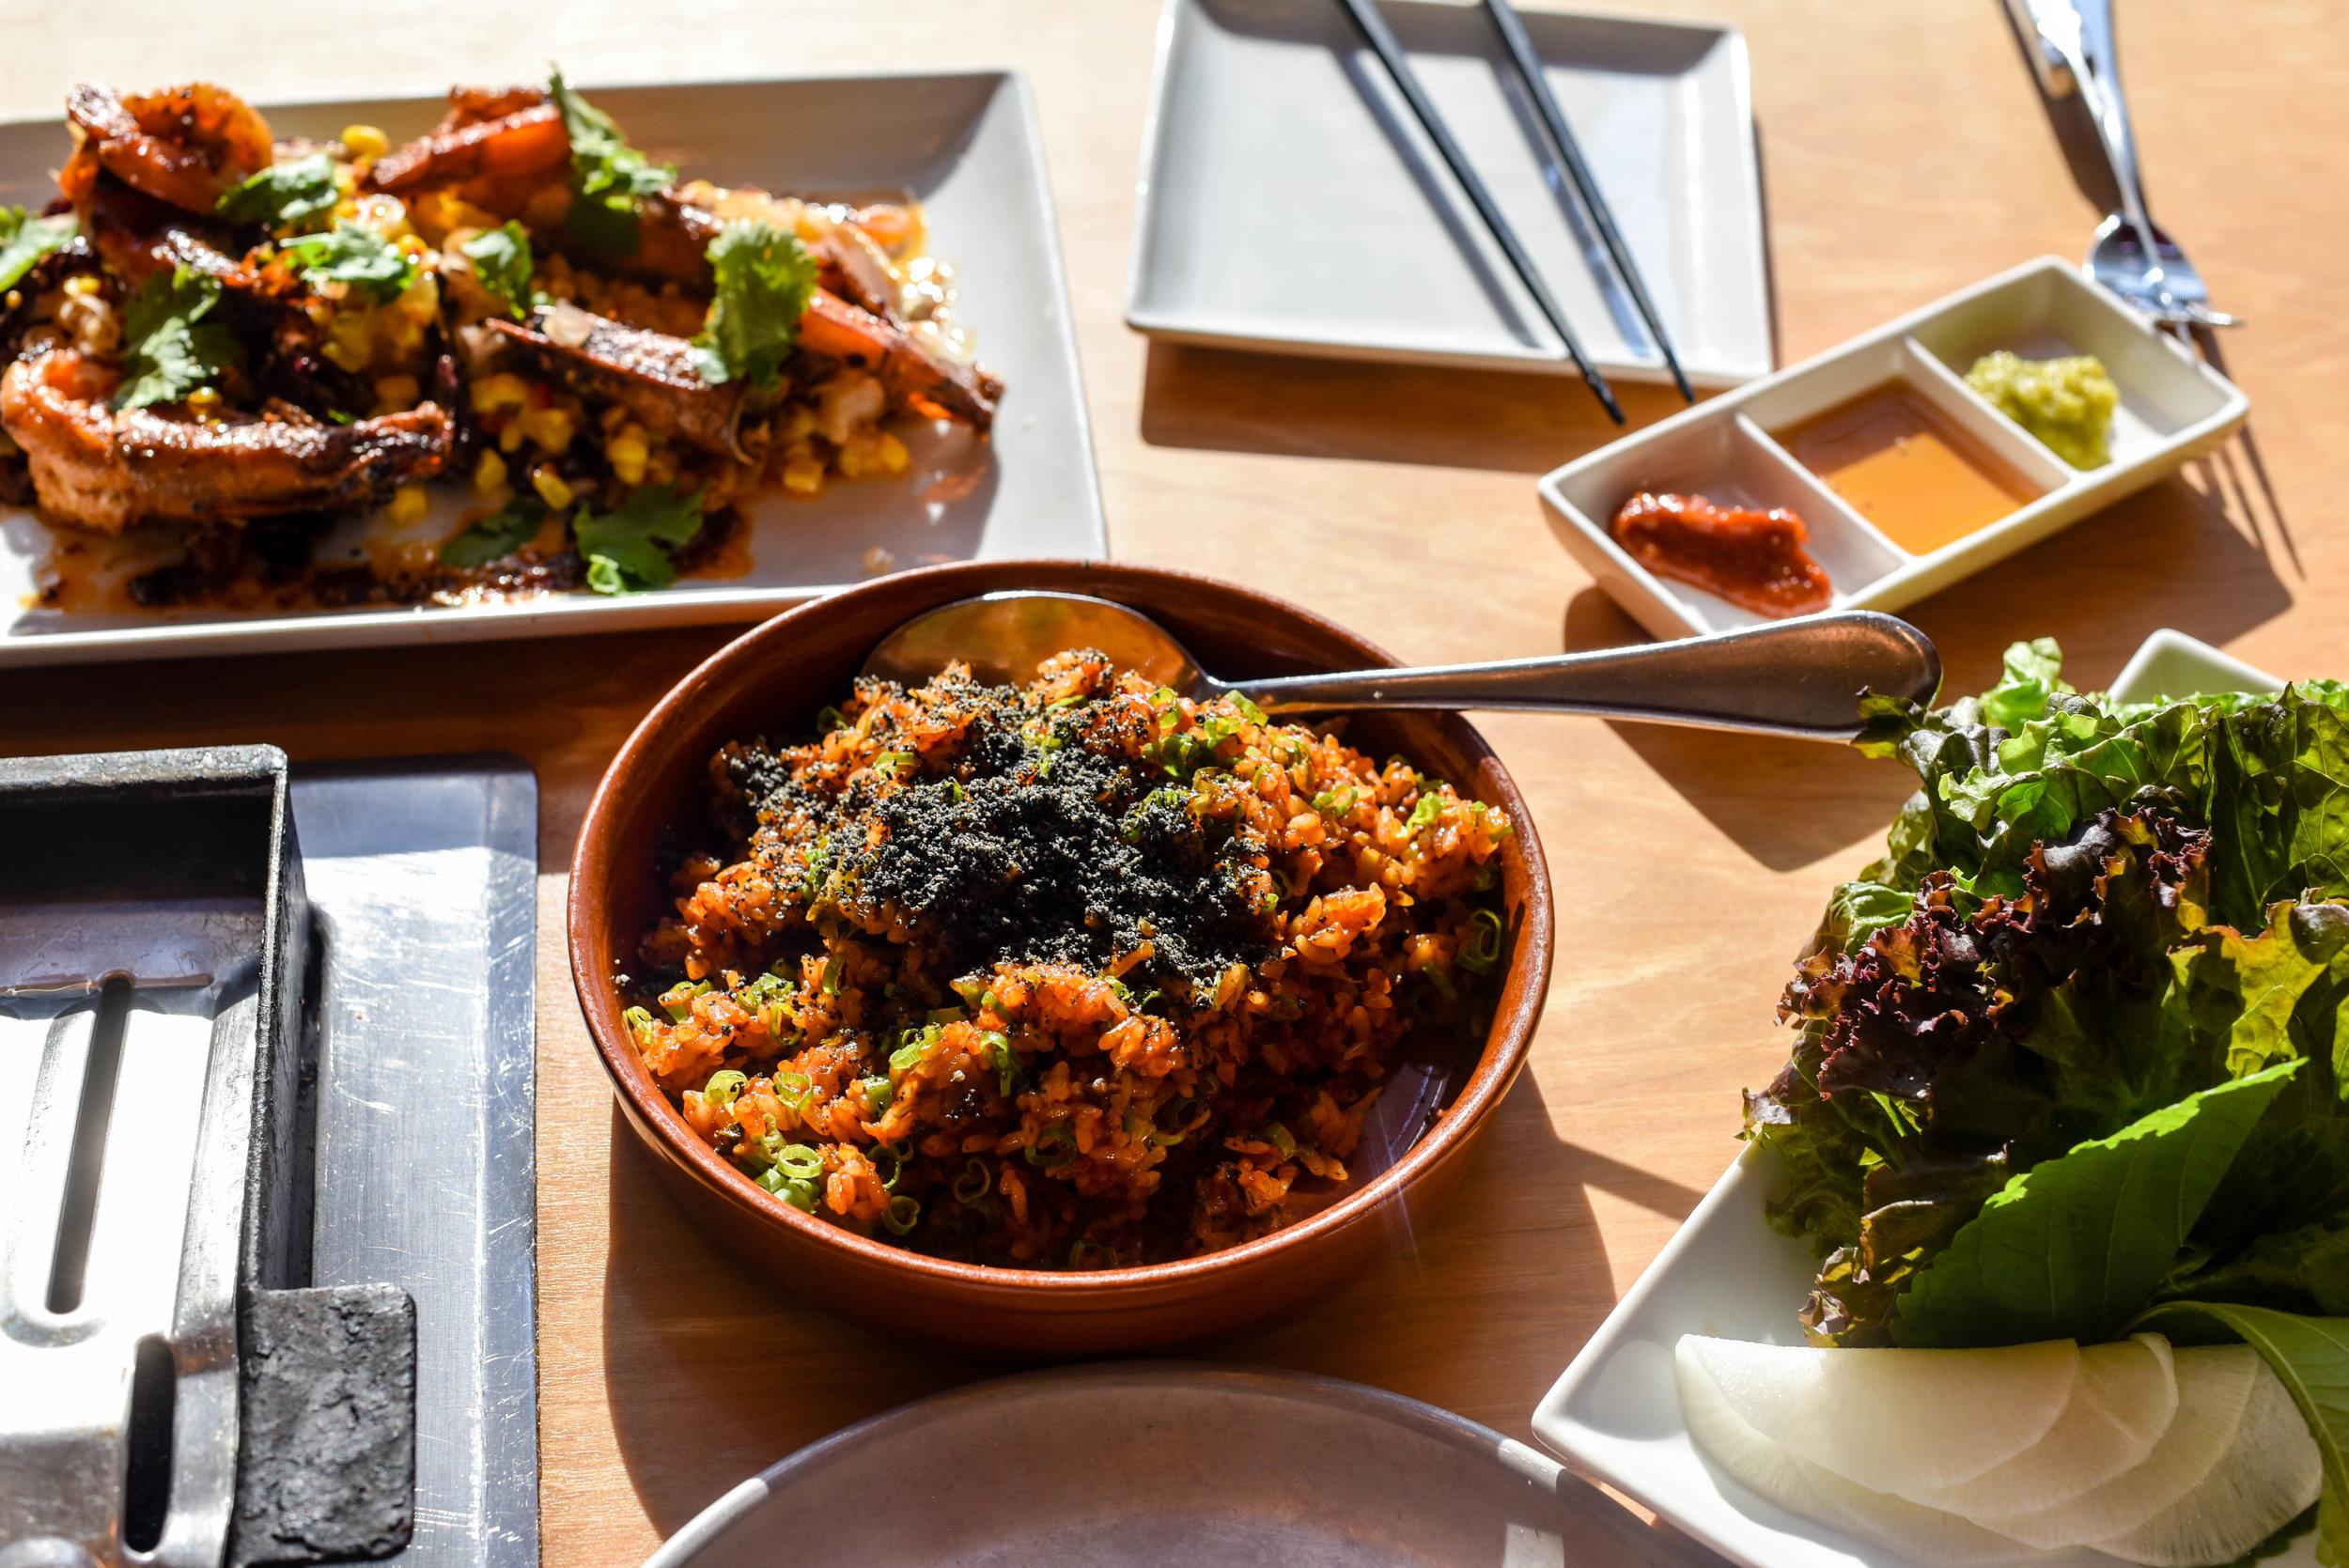 Hawaiian prawns and fried rice